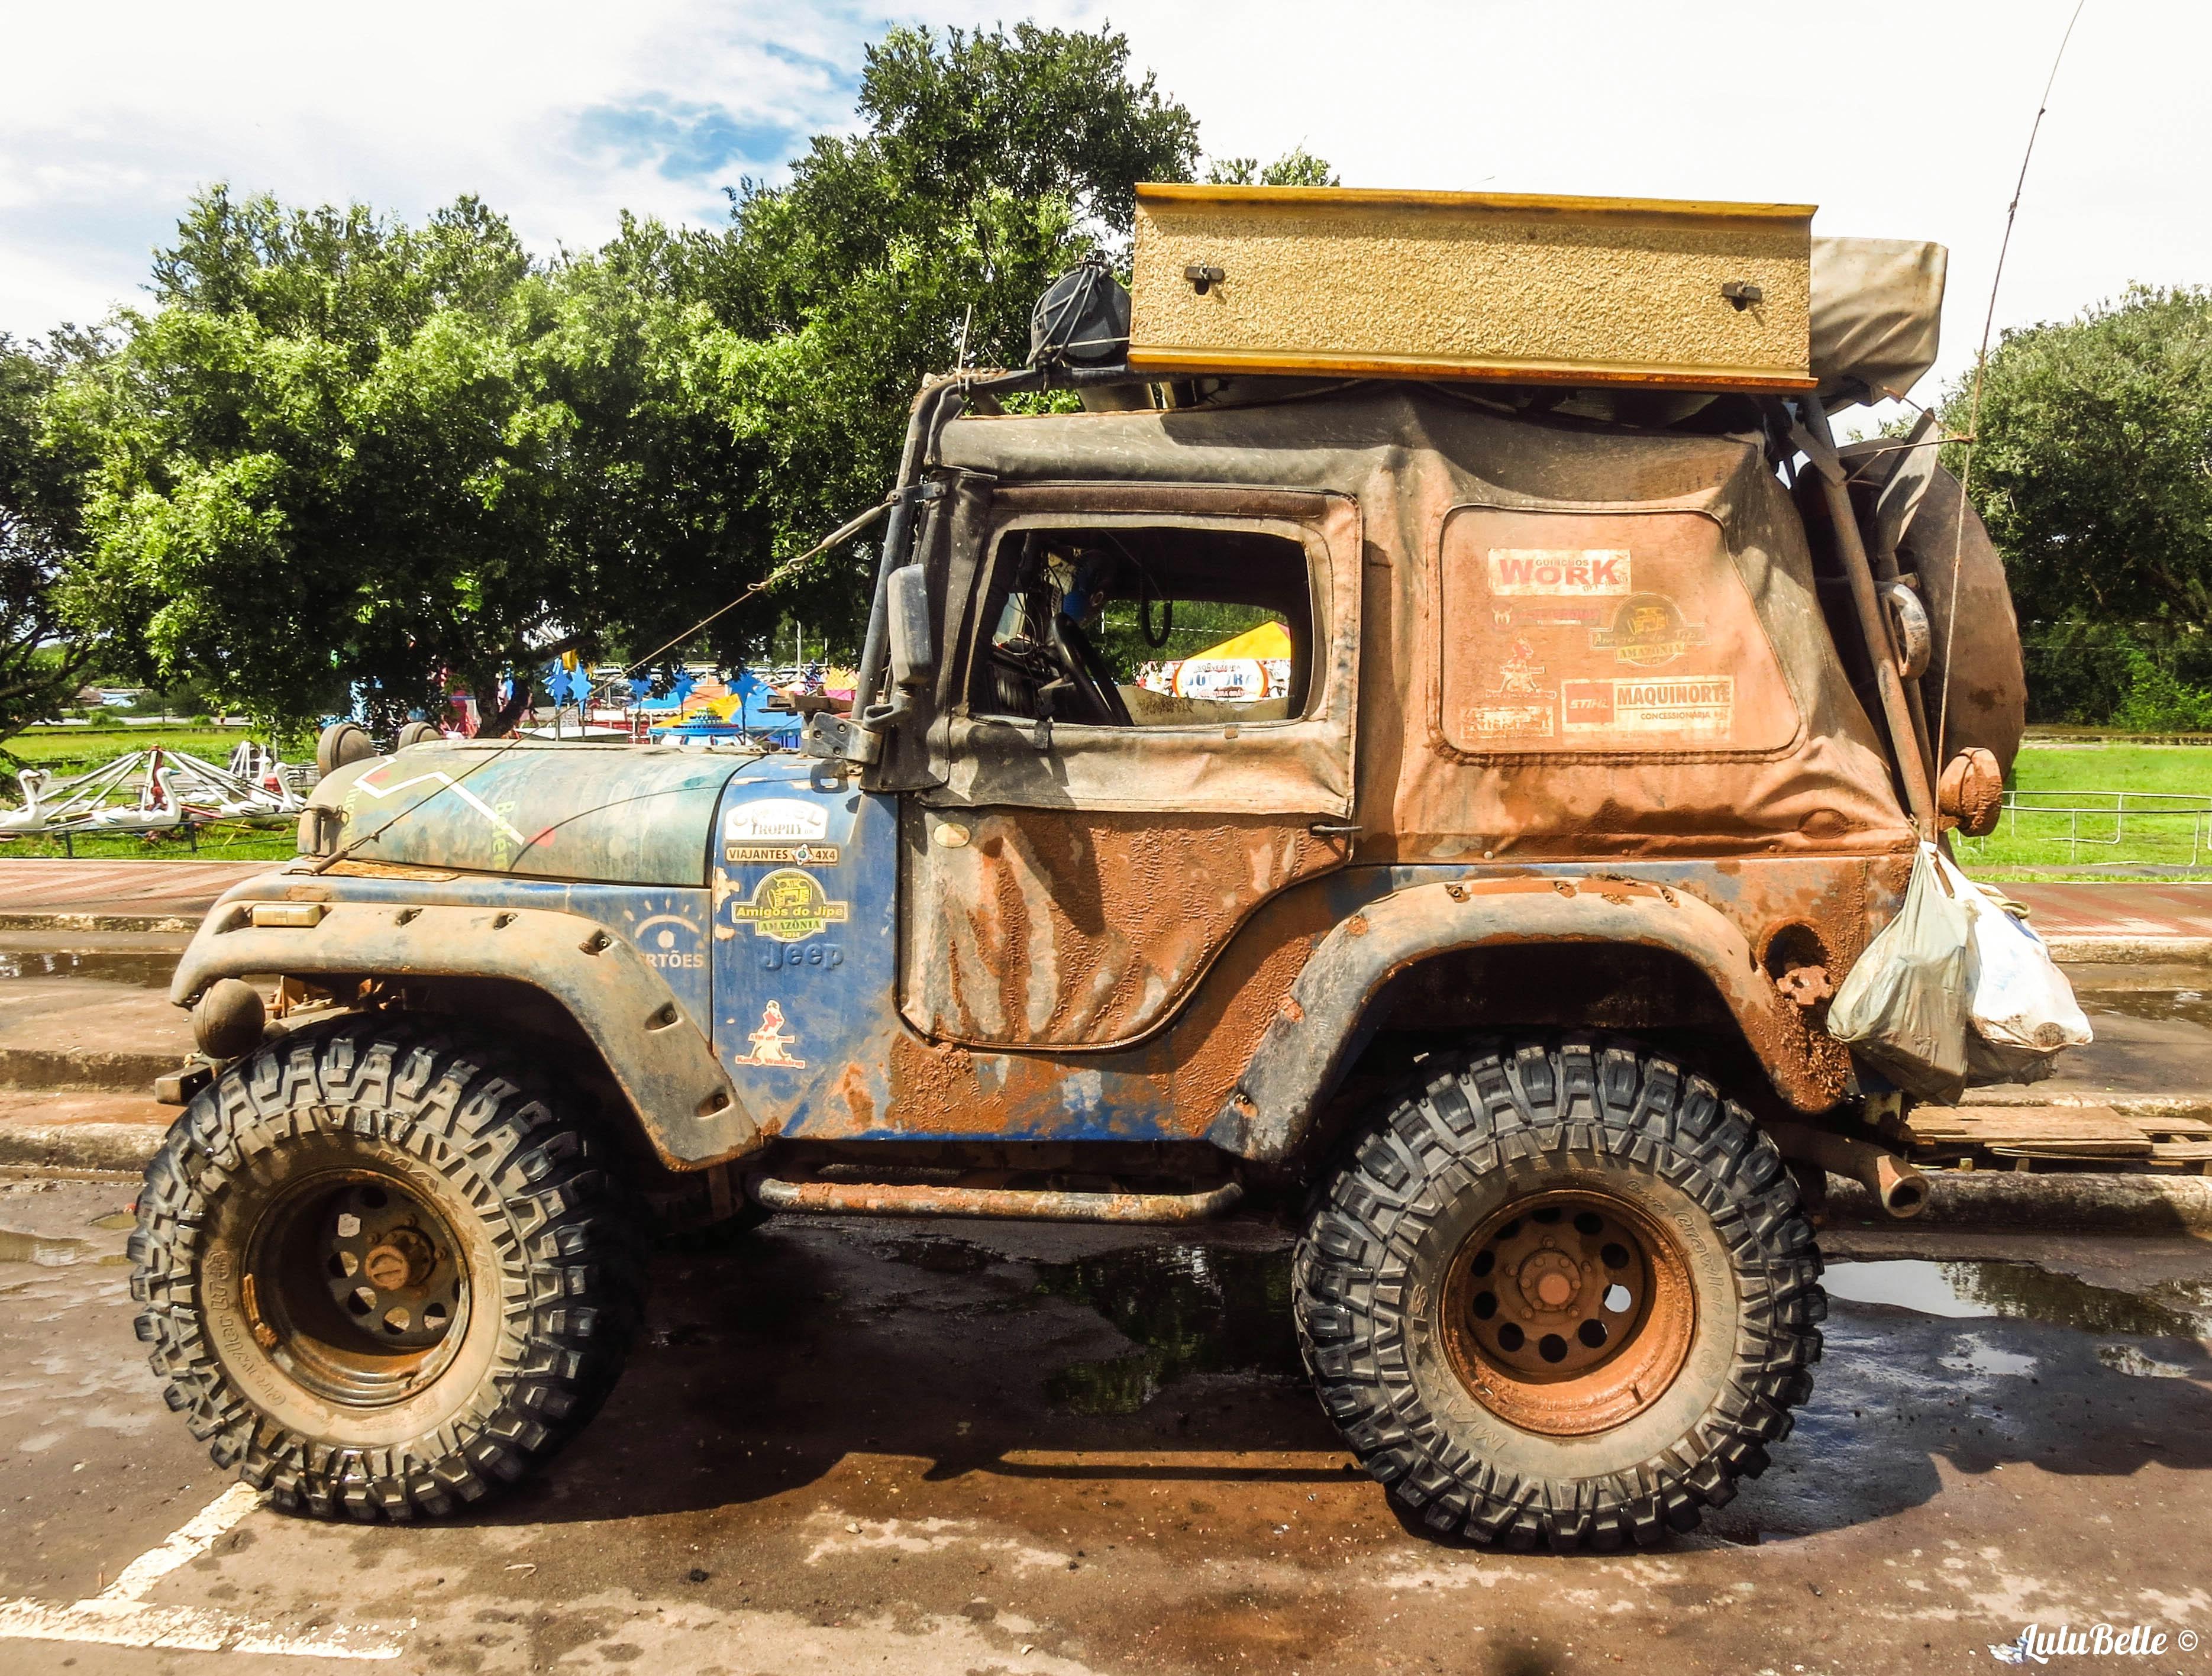 Amigos de Jipe, A2A Expedition